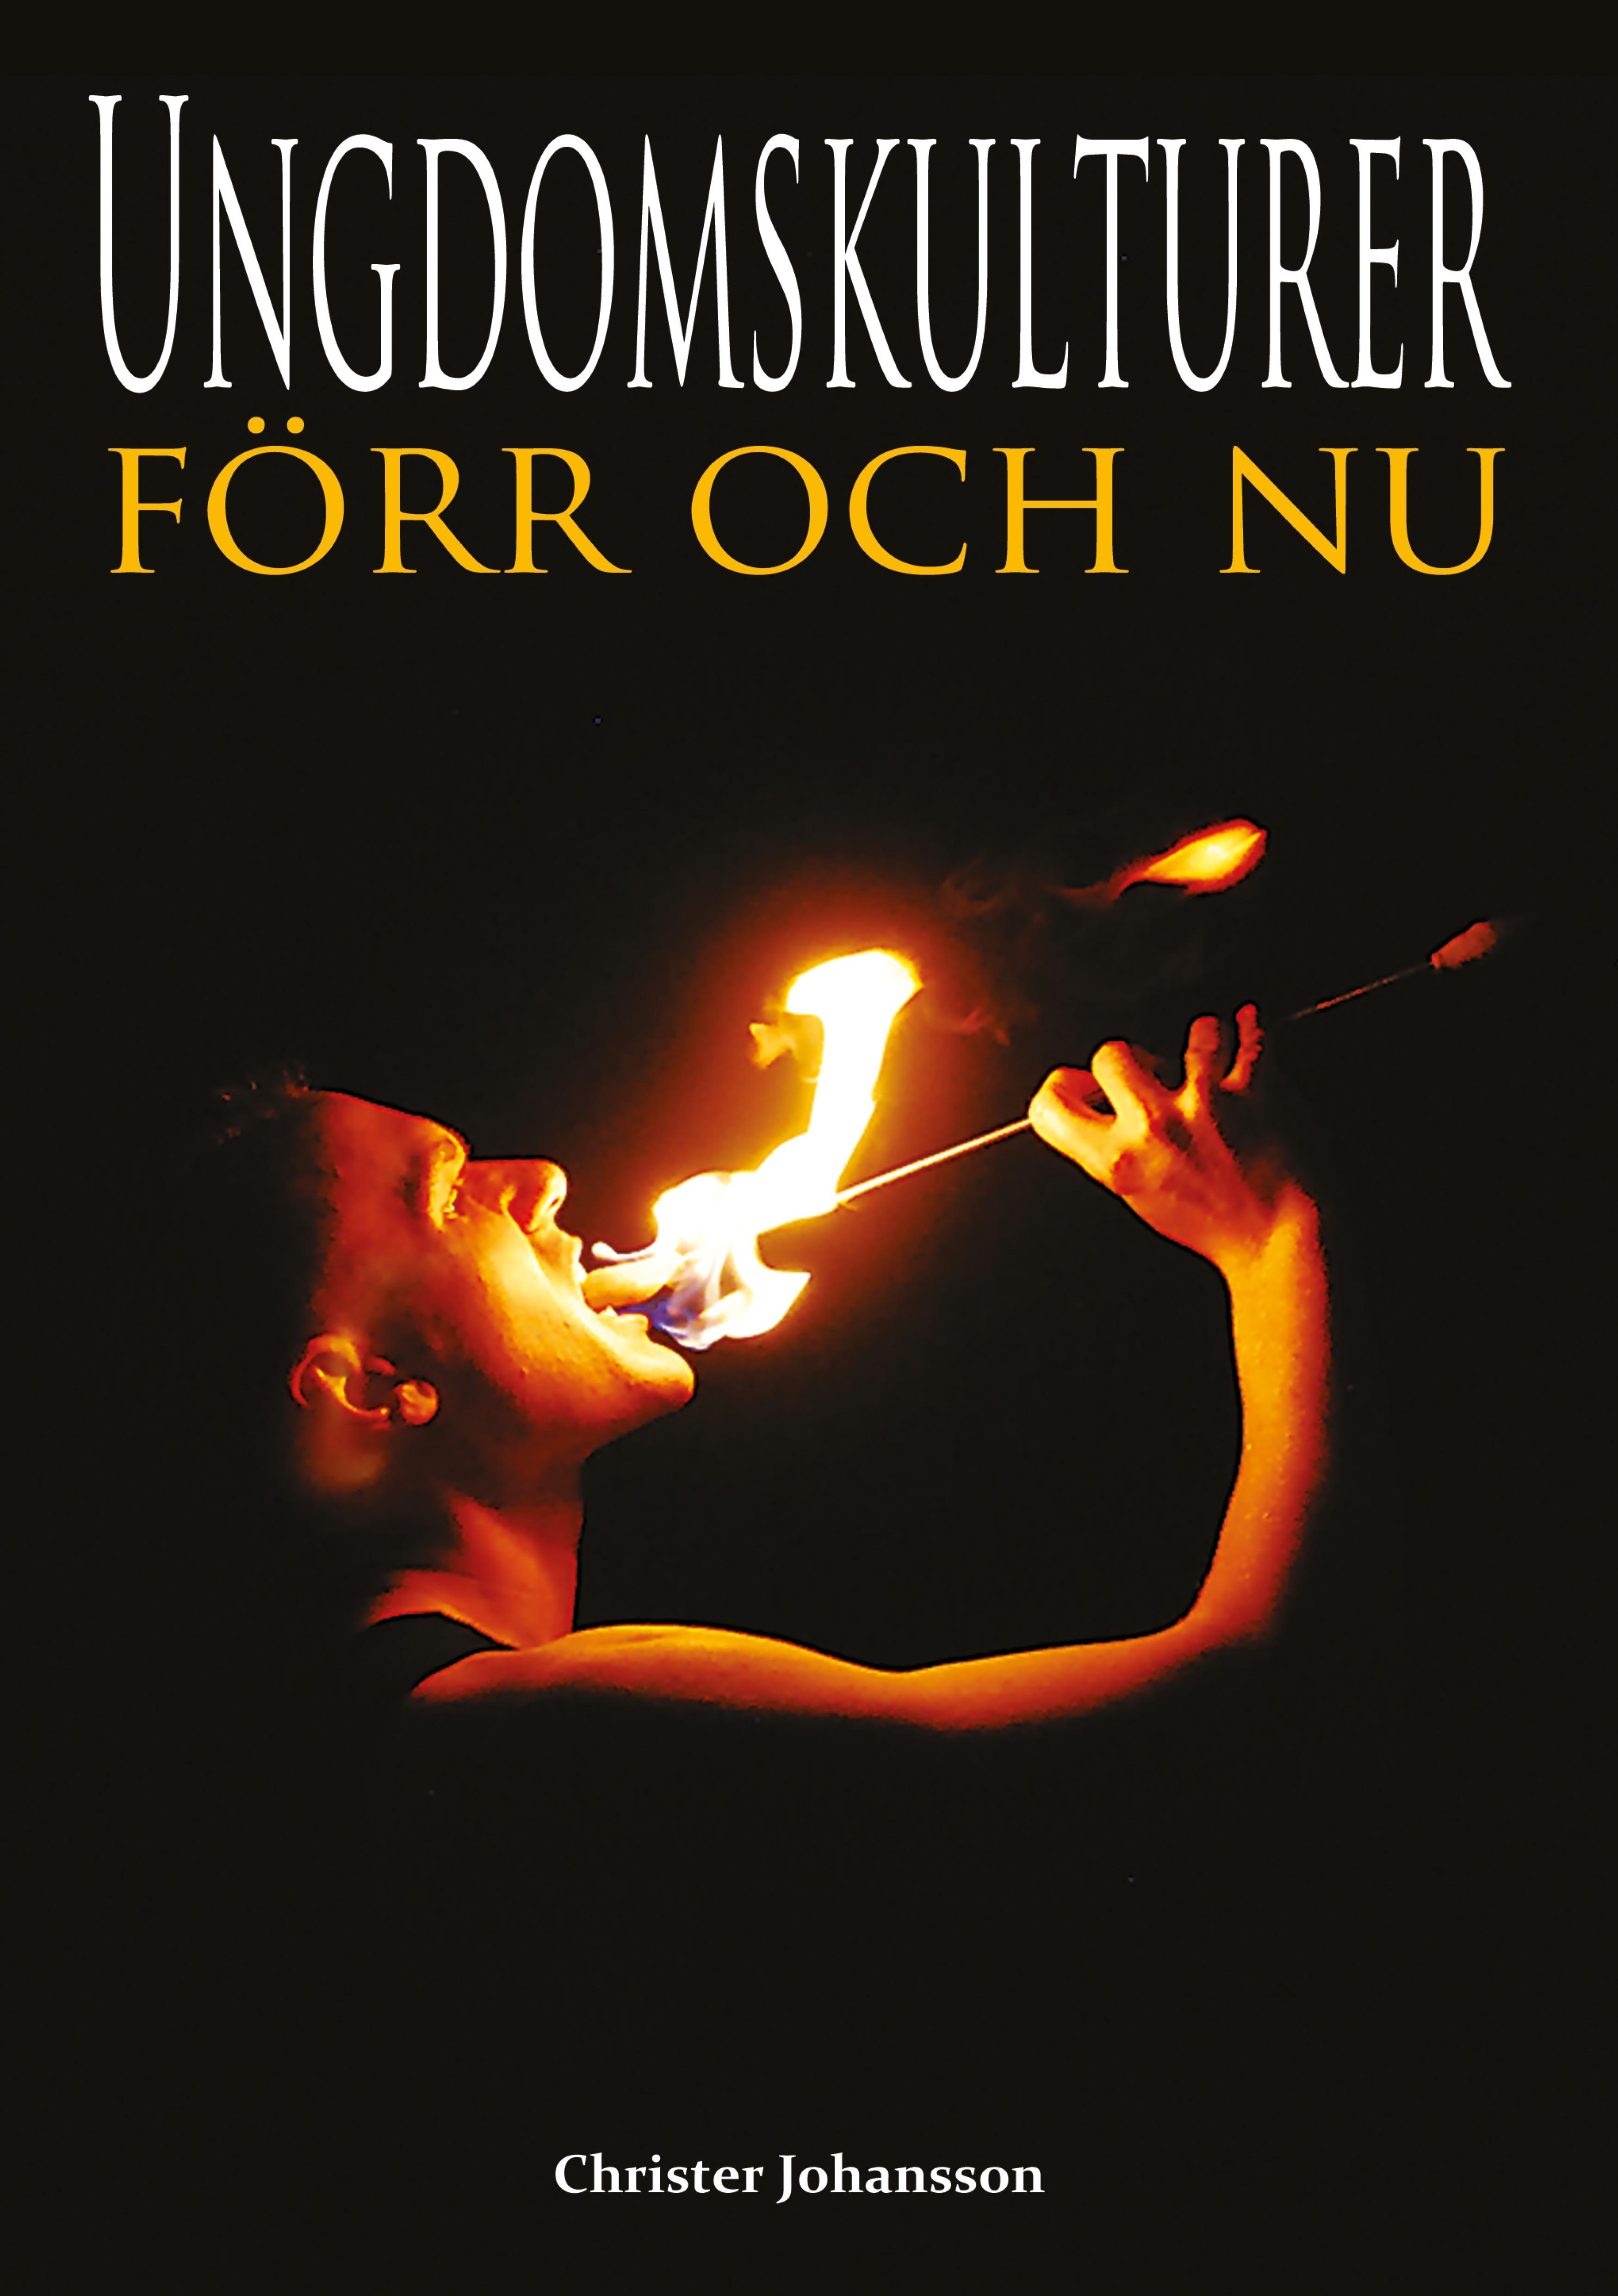 Ungdomskulturer - förr och nu av Christer Johansson